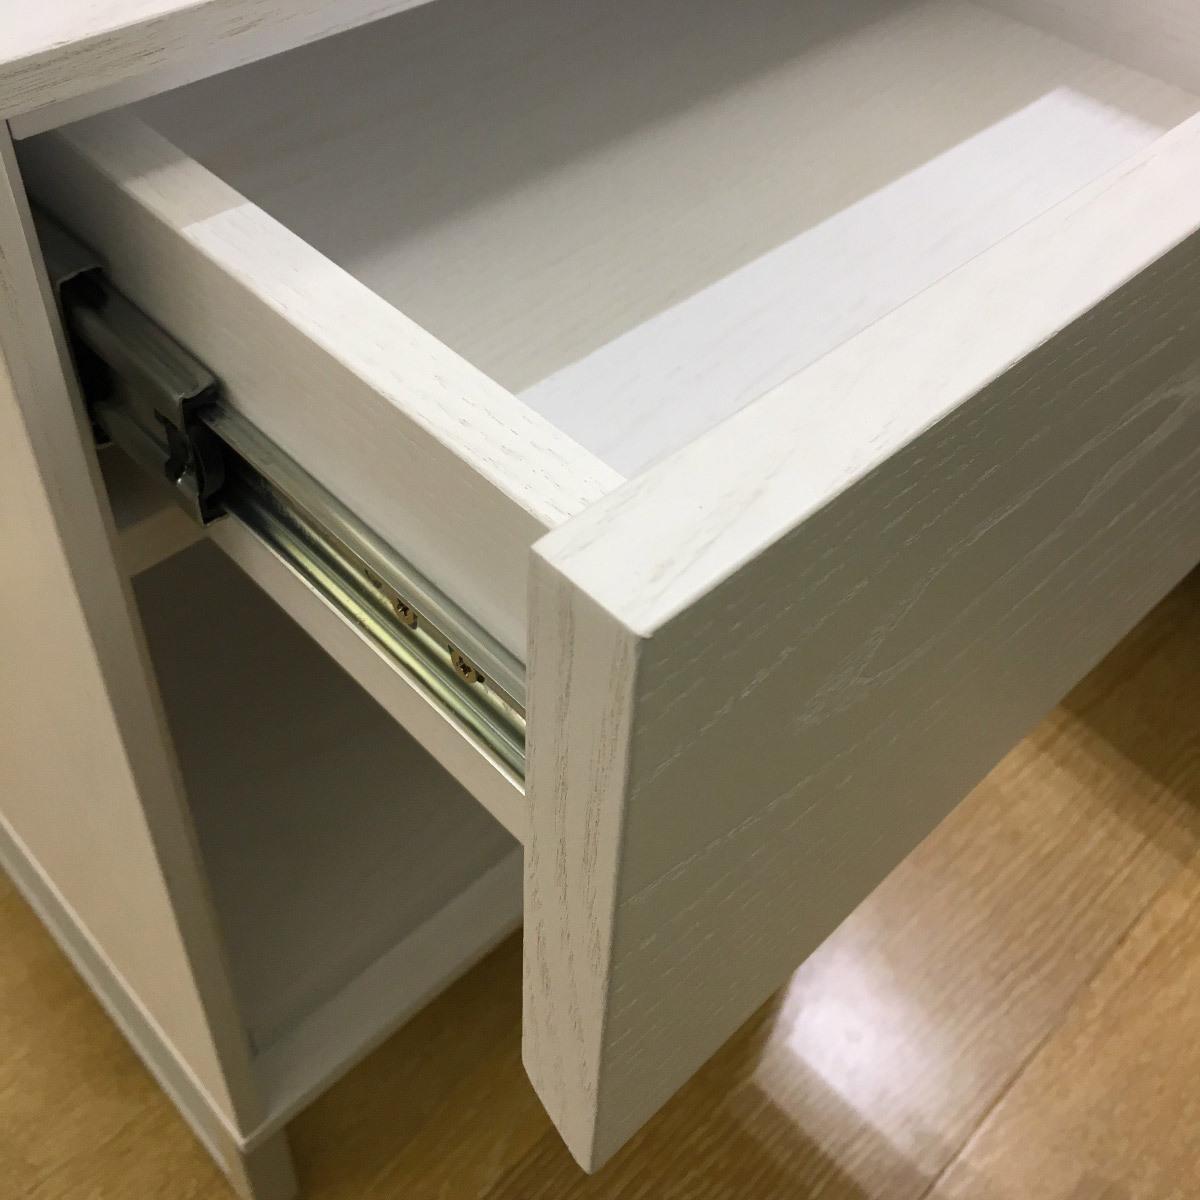 画板床头柜 | 用户@181****9003